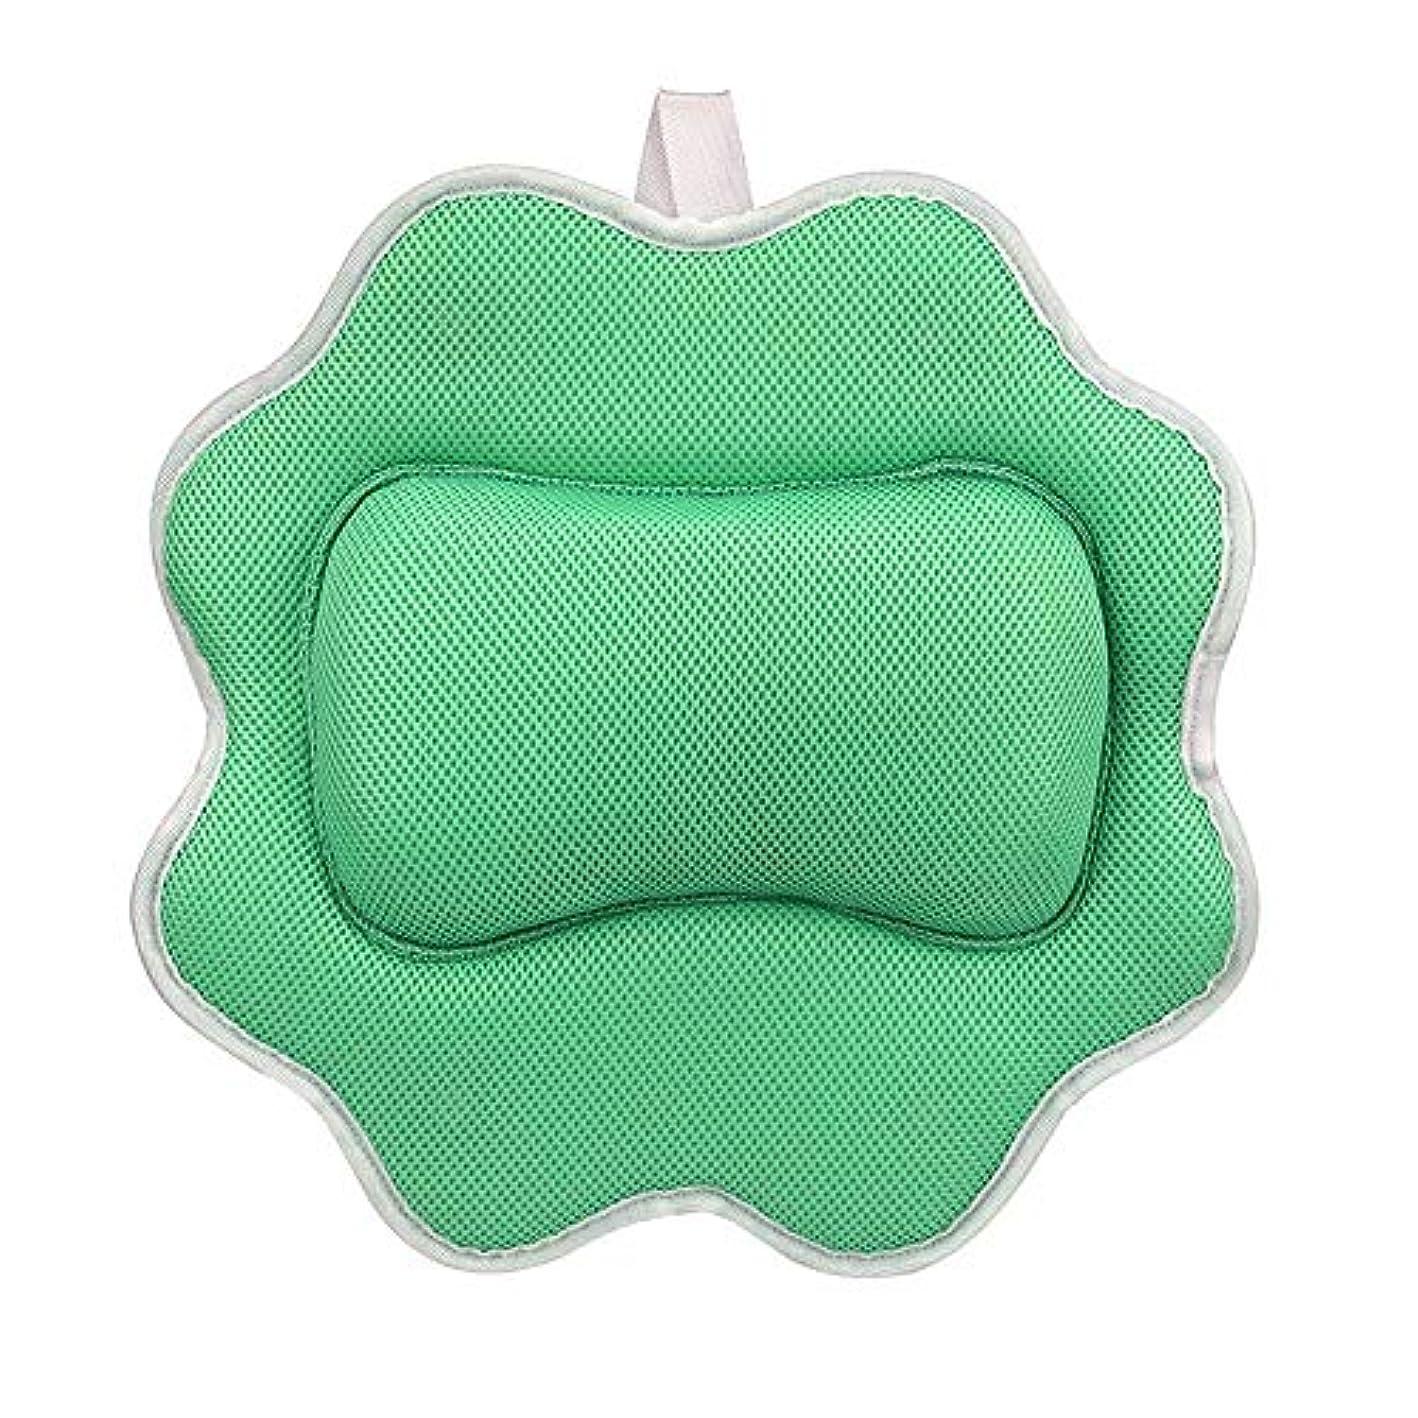 トランペットマチュピチュベットサンフラワーバスピロースパマッサージ枕用アップグレード5 dエアーメッシュ技術あなたの肌と首を保護、洗濯機で洗えます